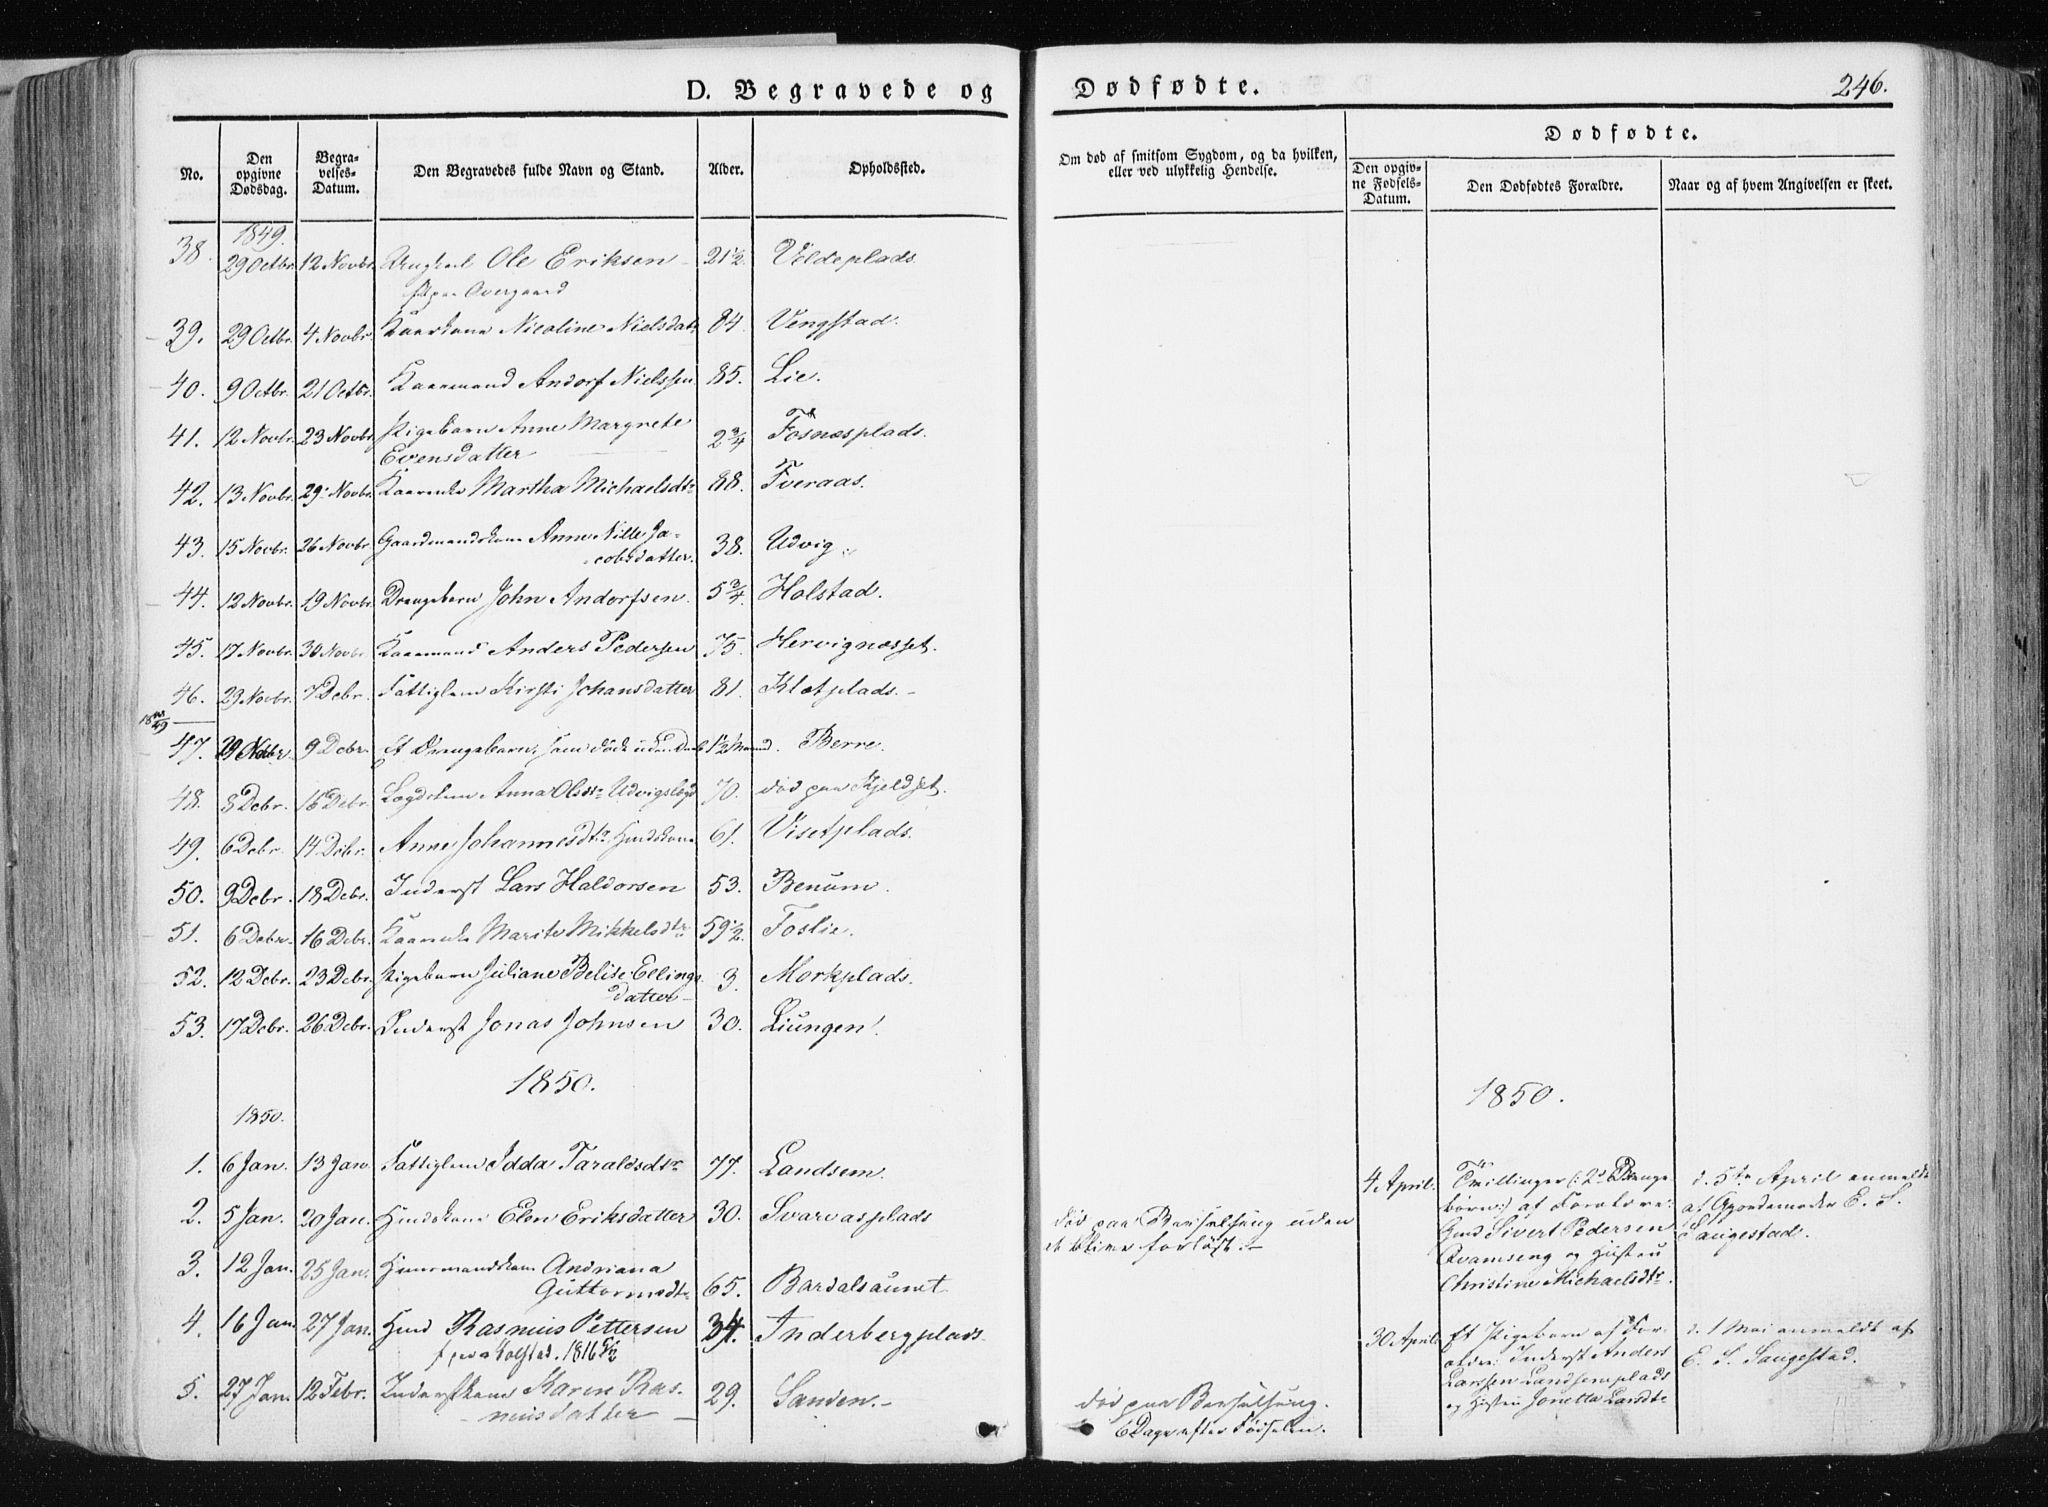 SAT, Ministerialprotokoller, klokkerbøker og fødselsregistre - Nord-Trøndelag, 741/L0393: Ministerialbok nr. 741A07, 1849-1863, s. 246